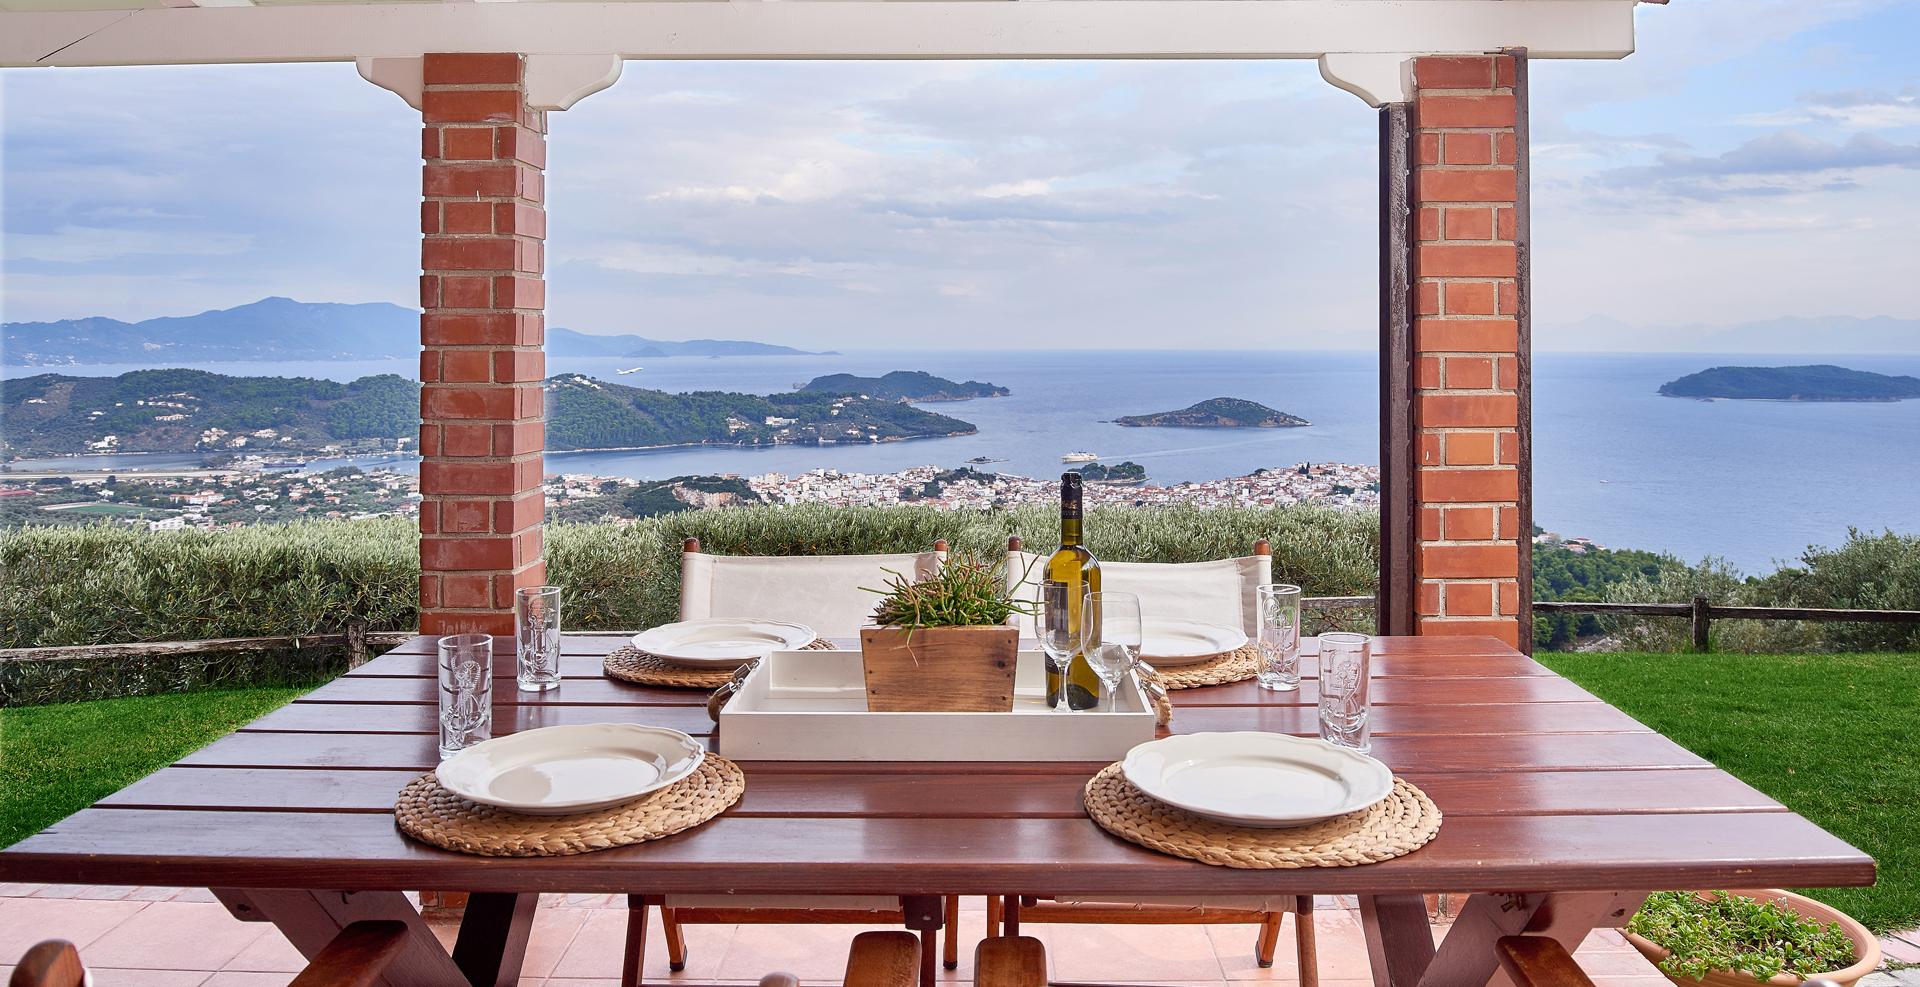 villas in skiathos, skiathos villas, luxury villa skiathos, skiathos villa rental